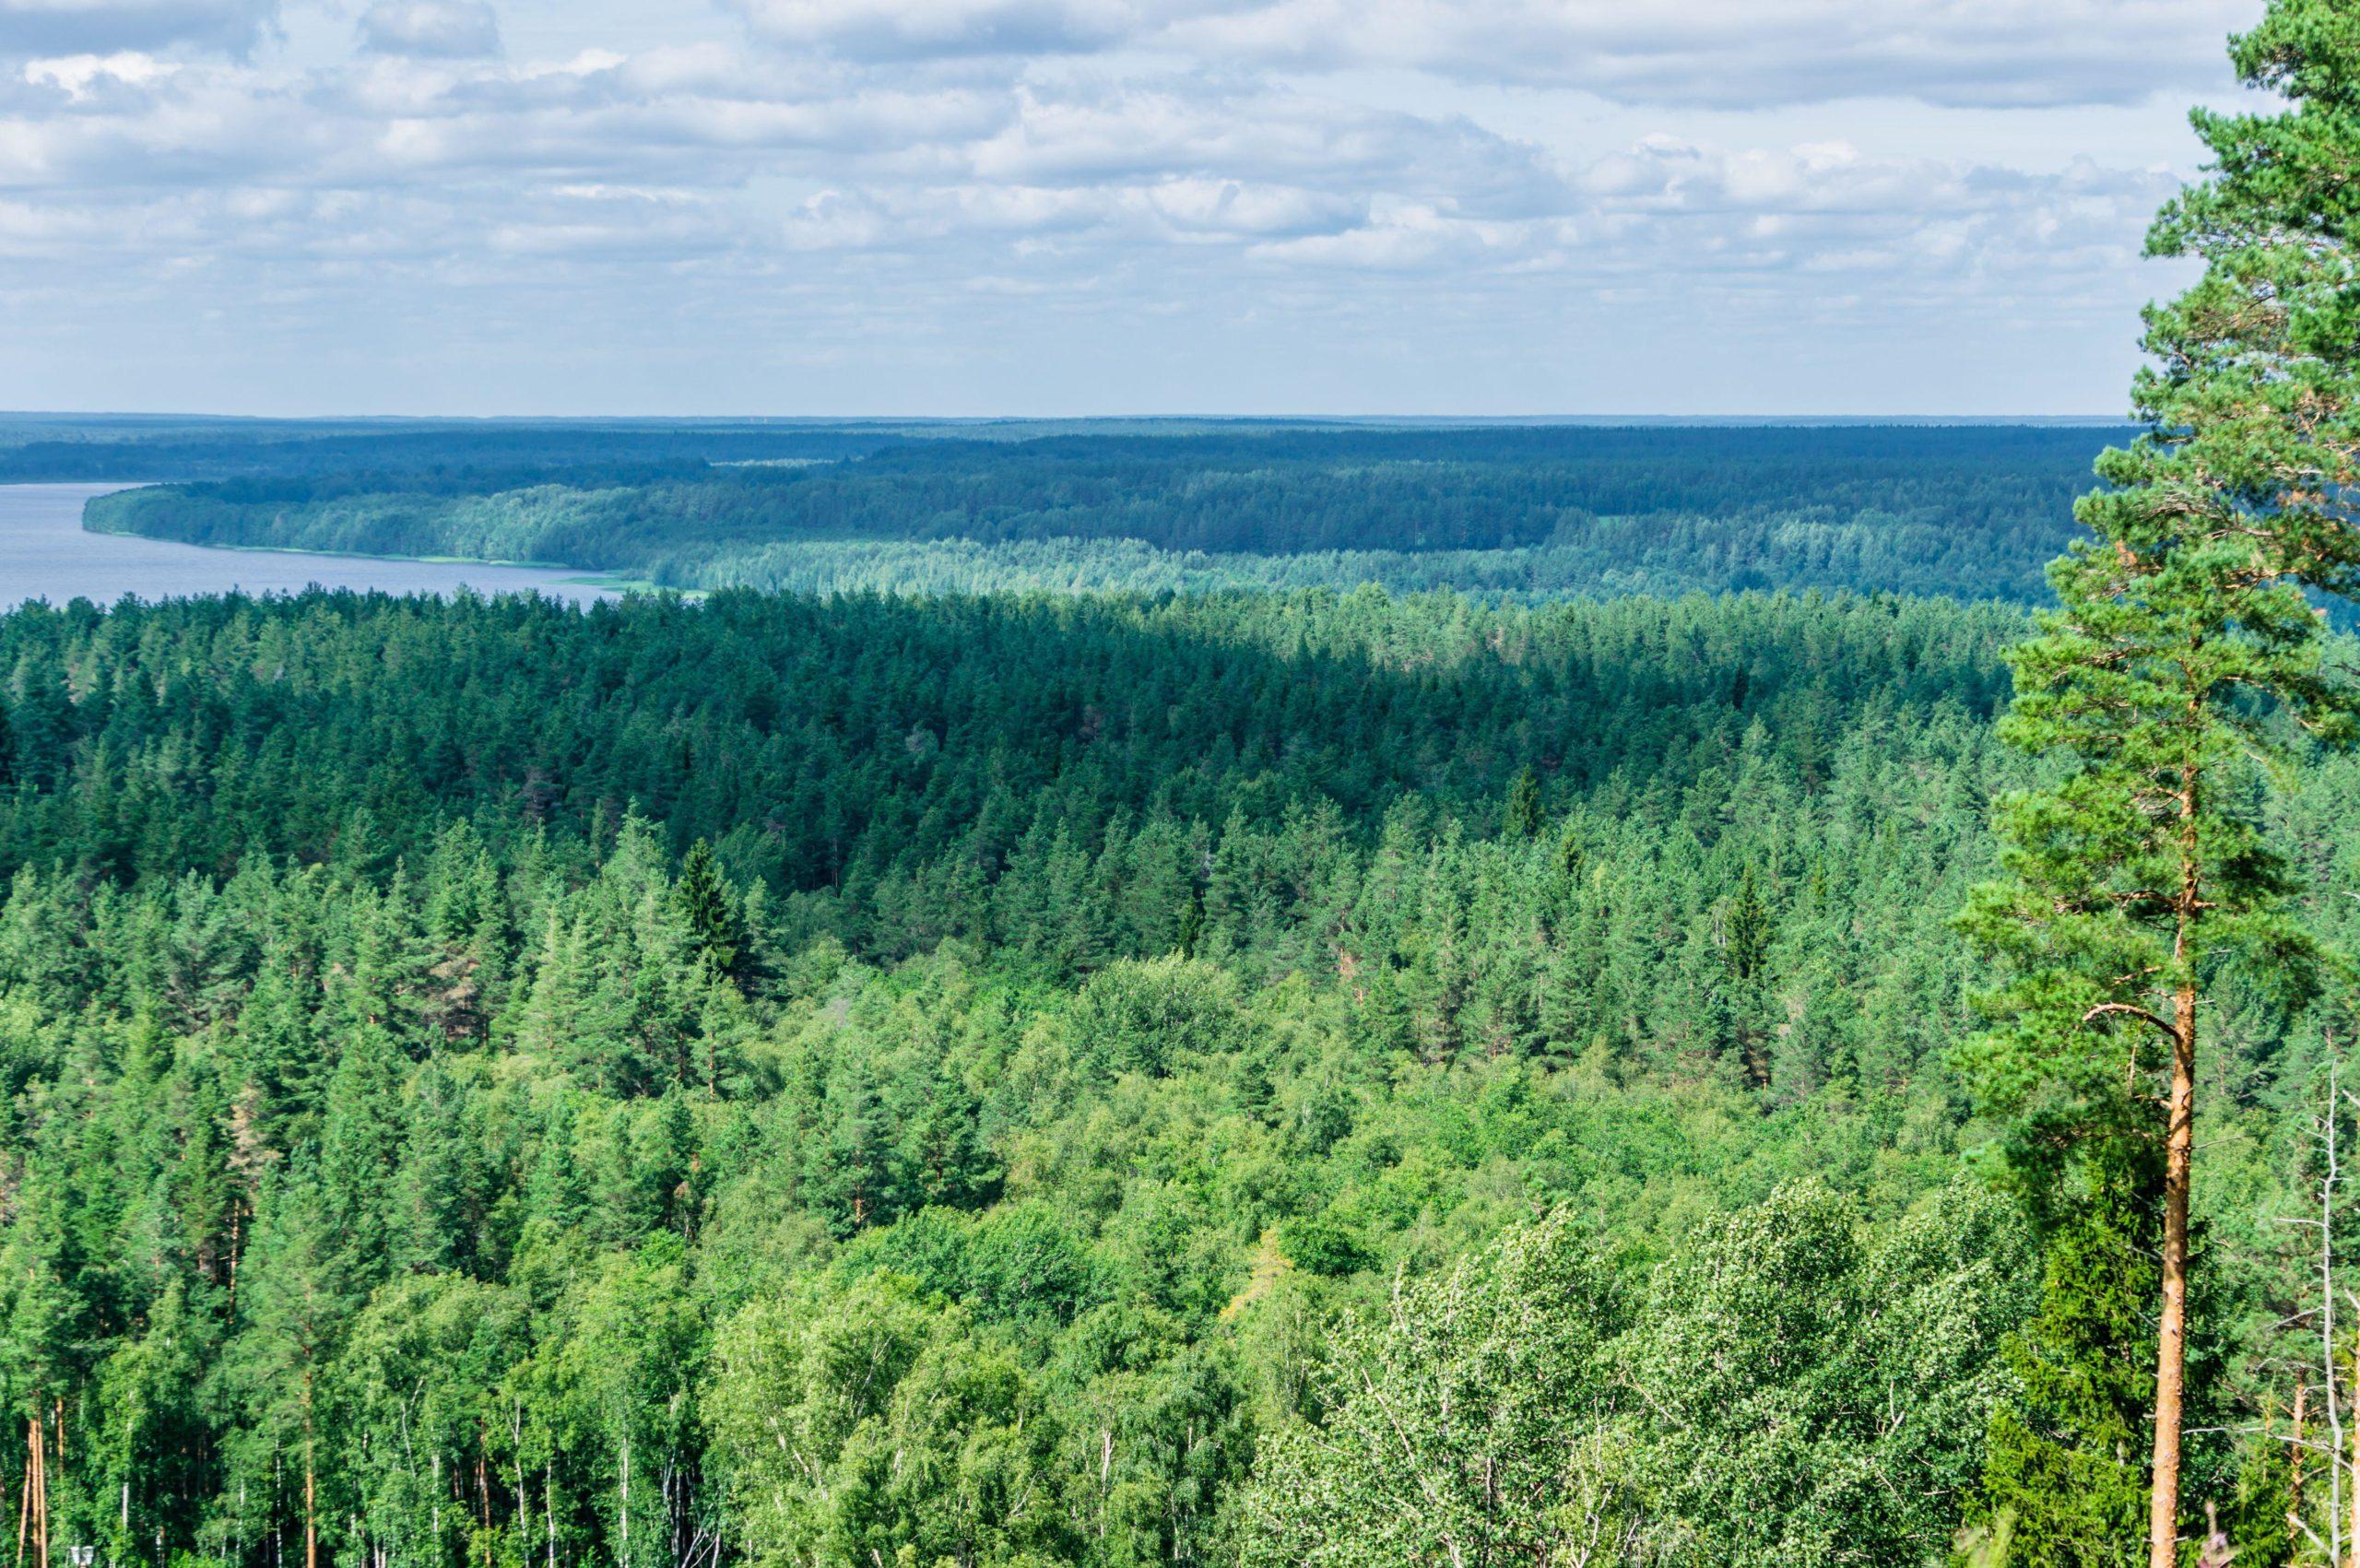 Trees in the Leningrad region